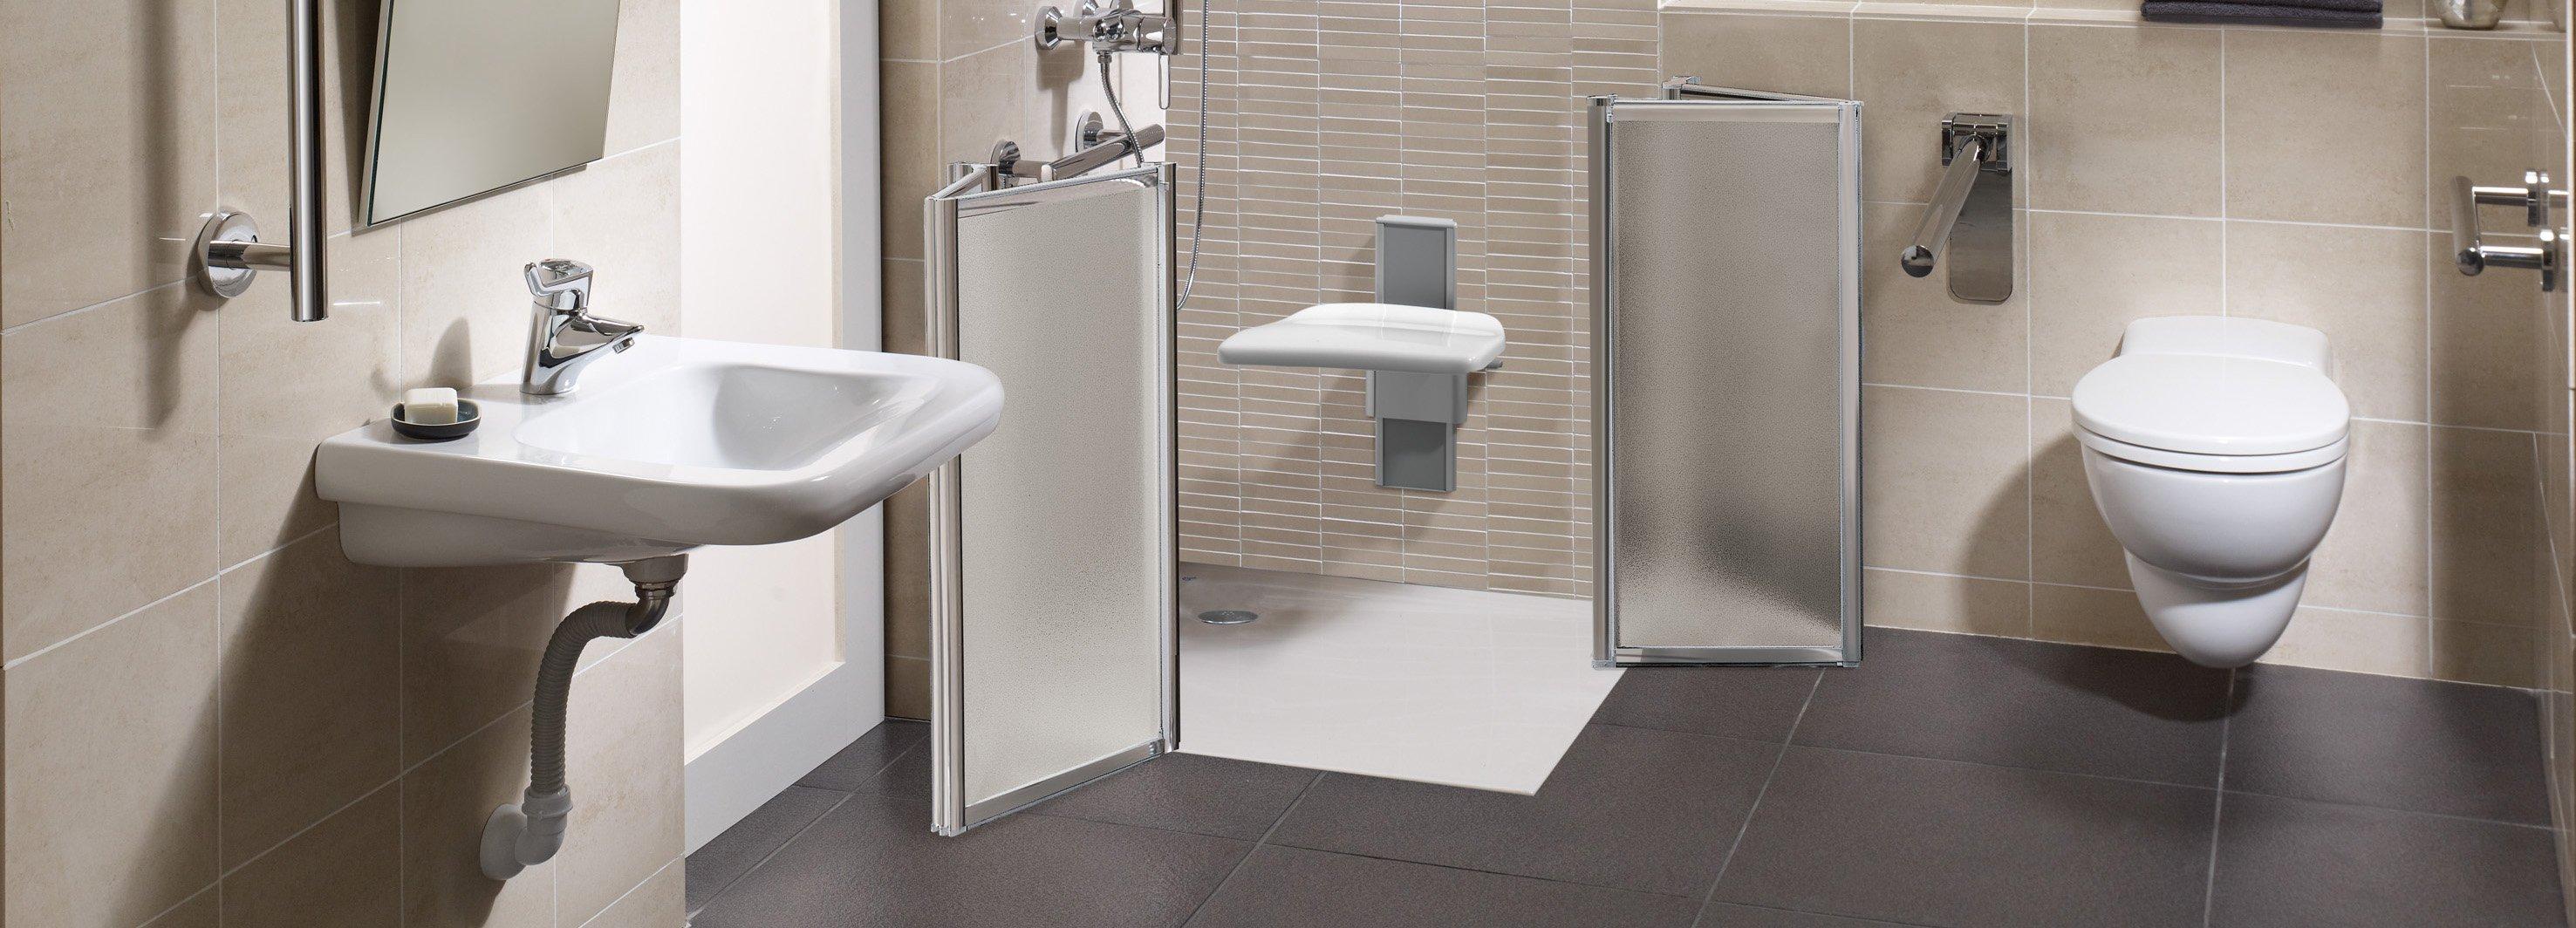 Un bagno pi comodo anche per anziani e disabili cose di casa - Foto di bagno ...